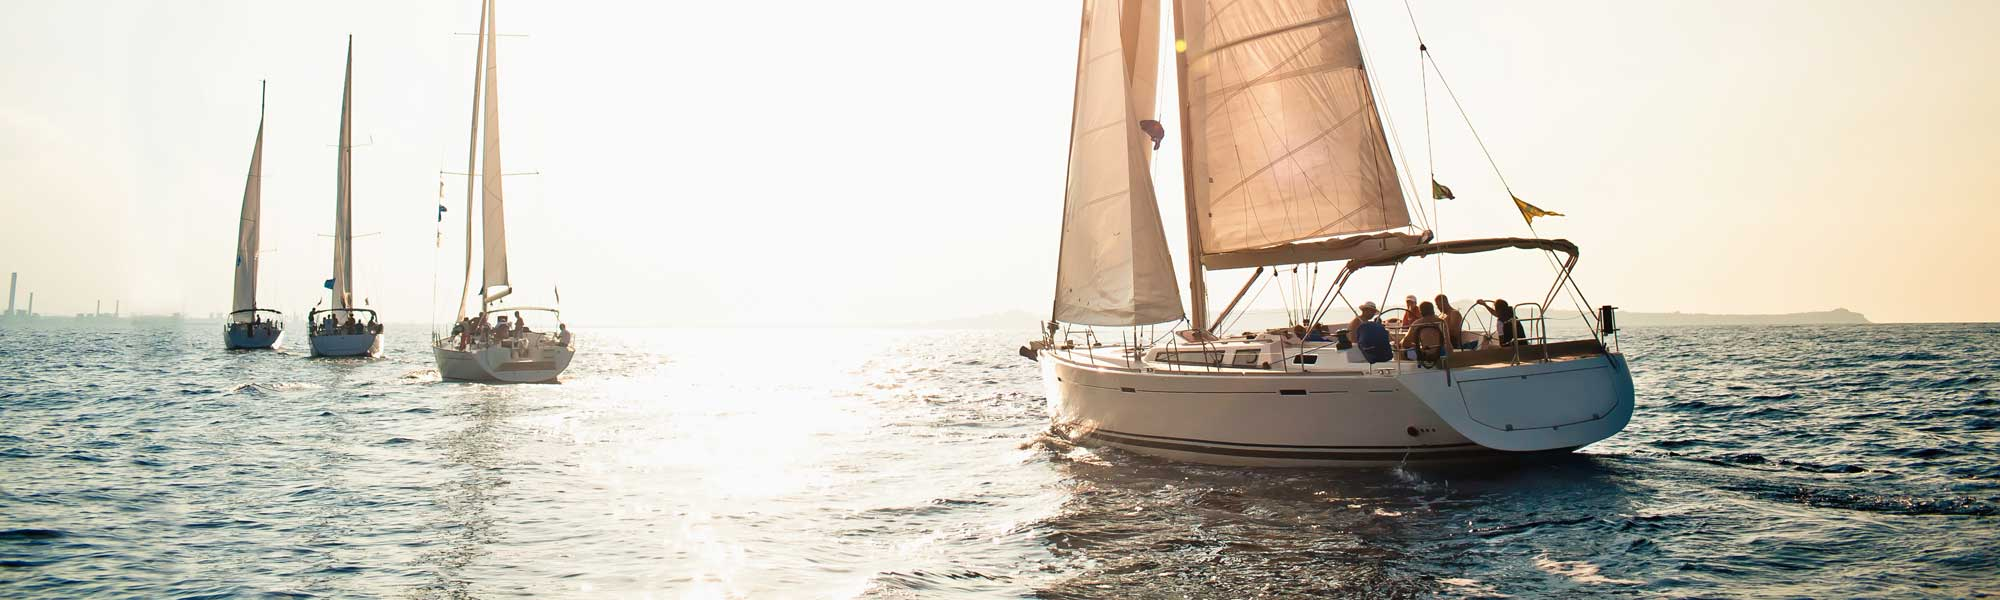 sail_88284829